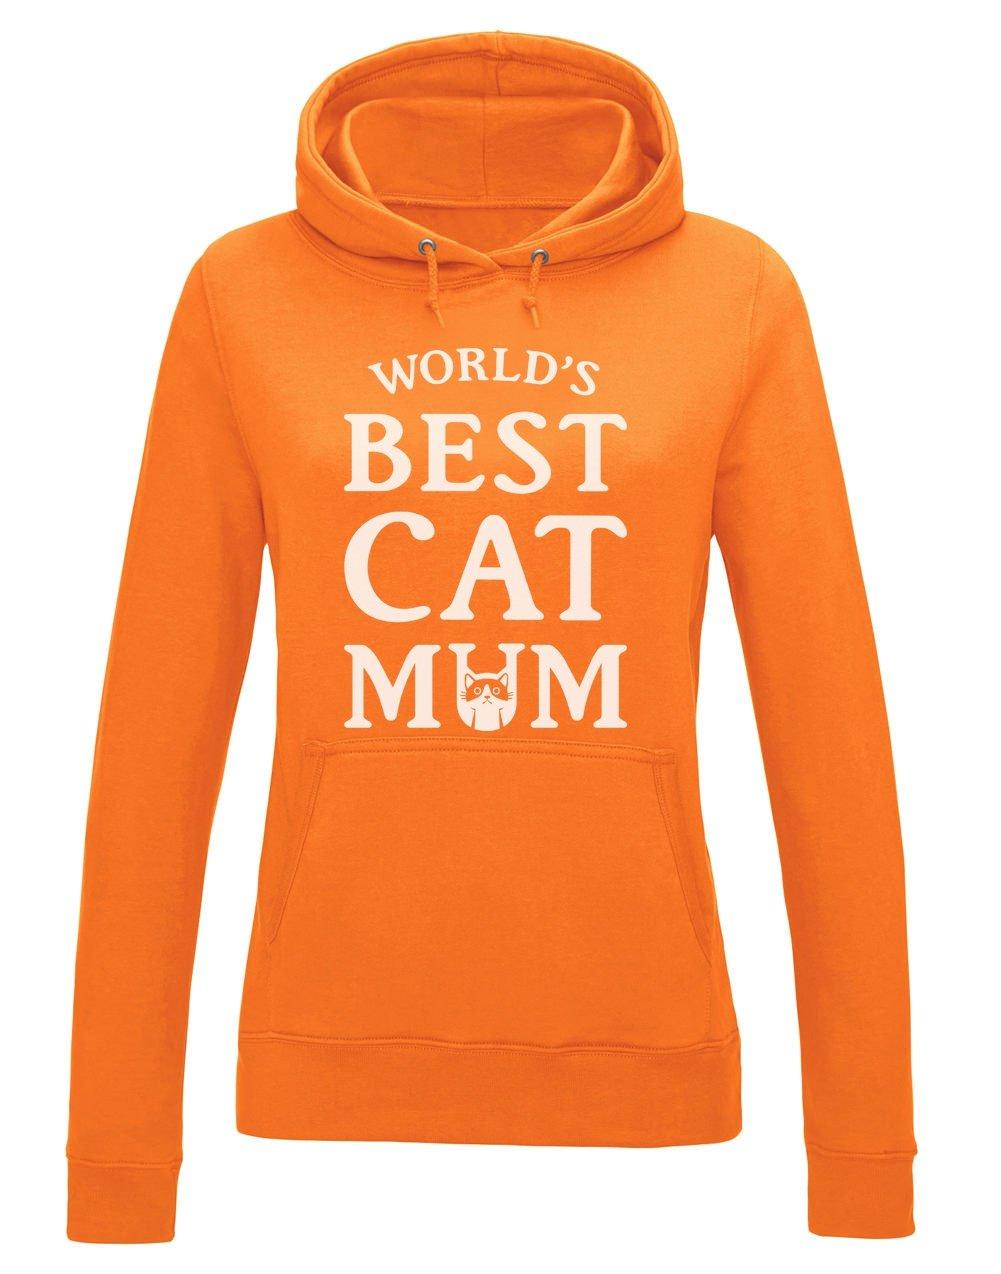 Sudadera con Capucha para Mujer - -World'S Best Cat Mum- Regalo Original para Las Amantes de los Gatos en el día de la Madre a404826dhw_ies